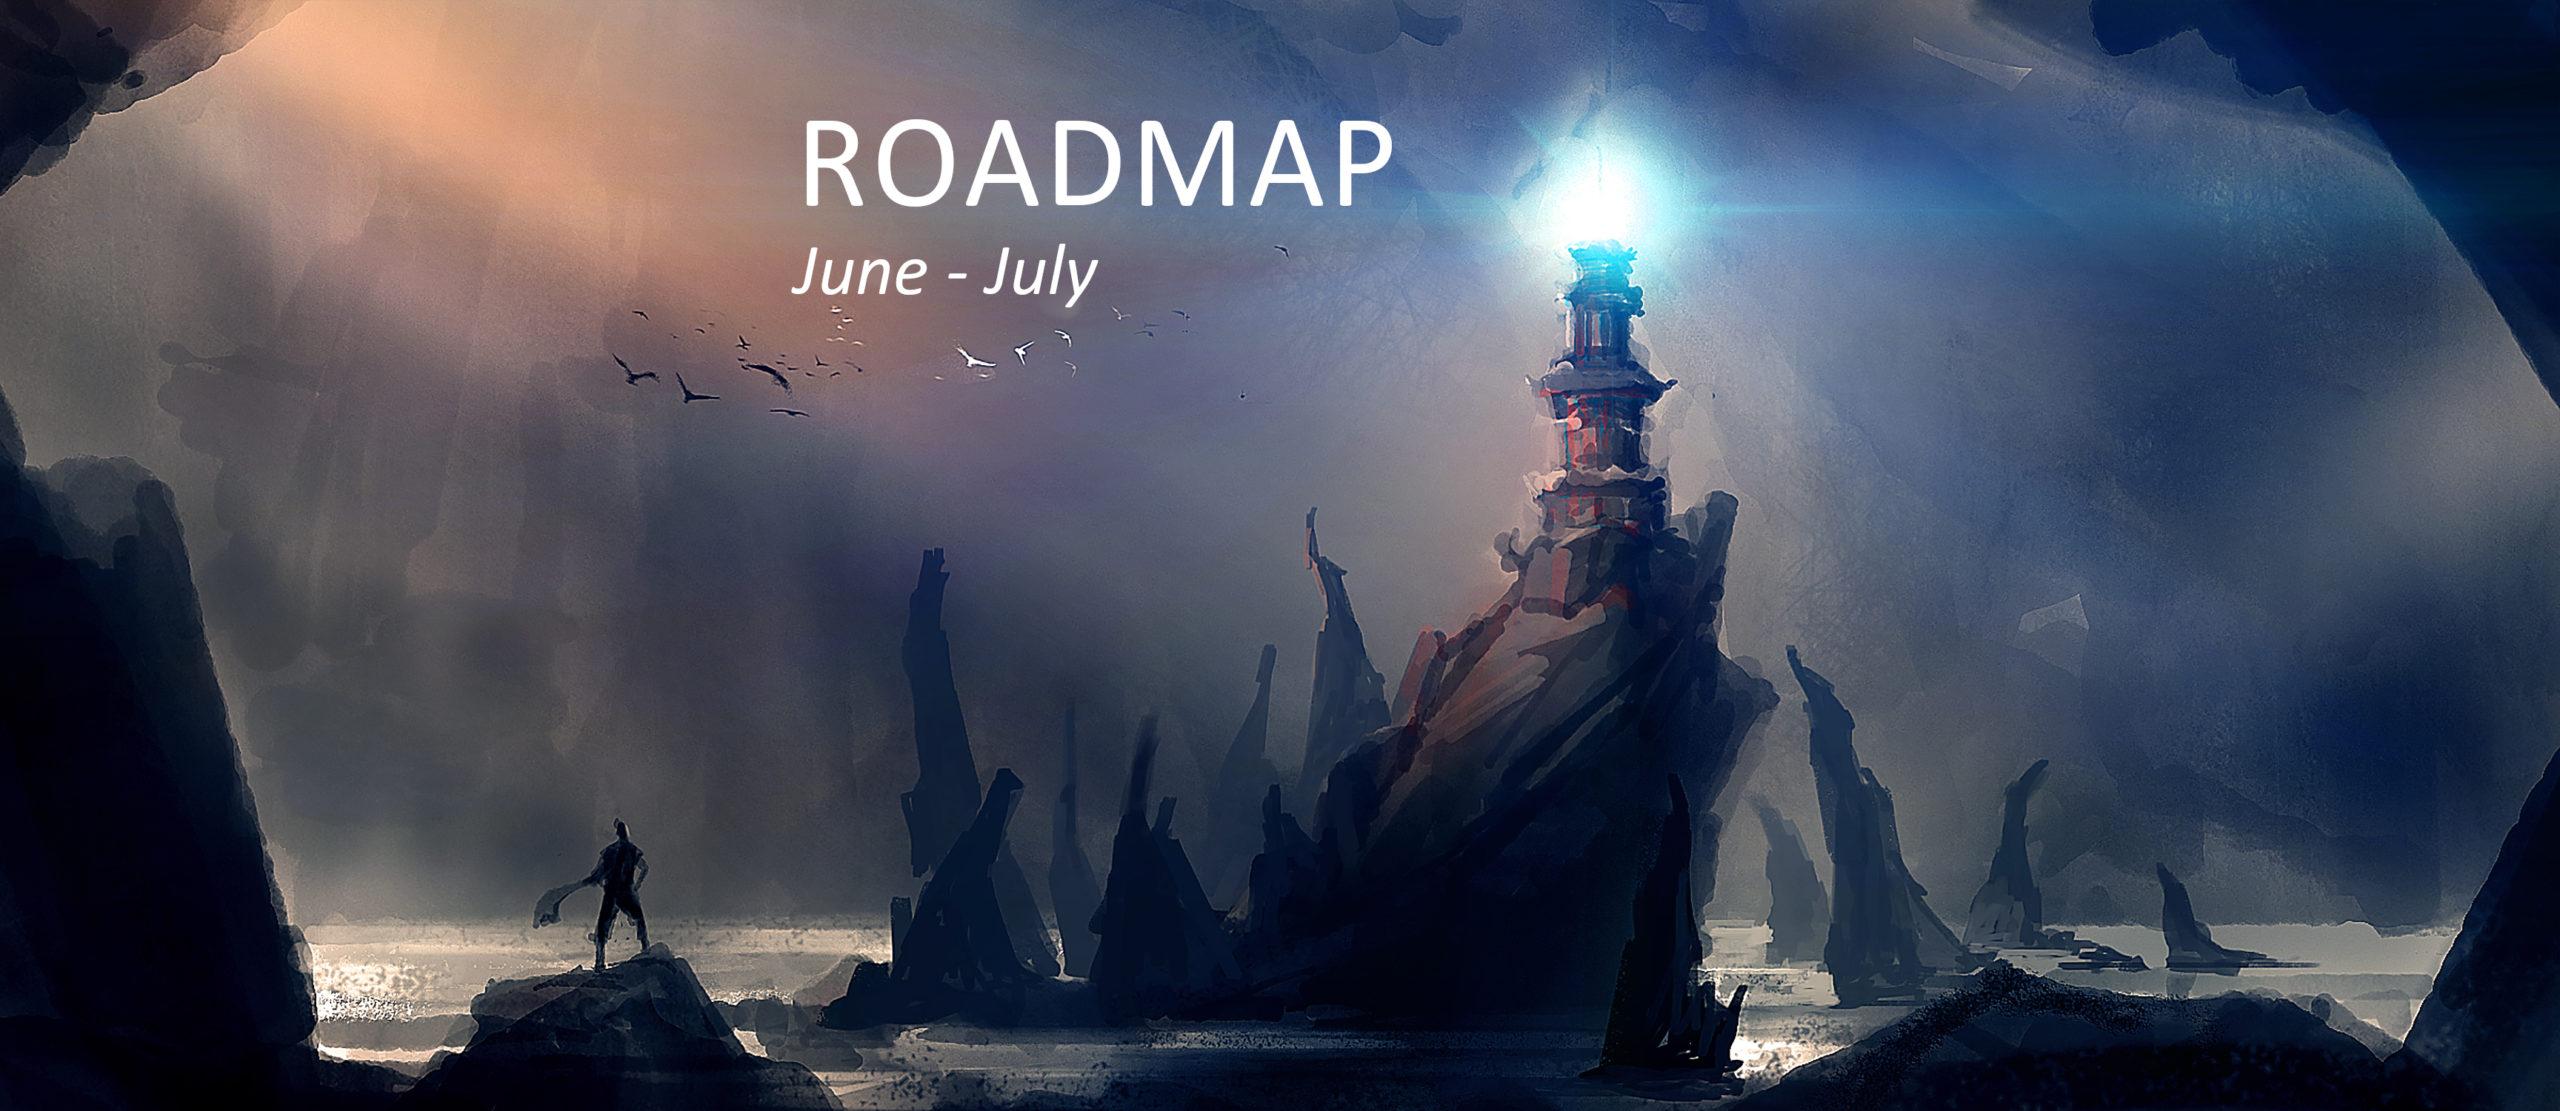 roadmap june july 2020